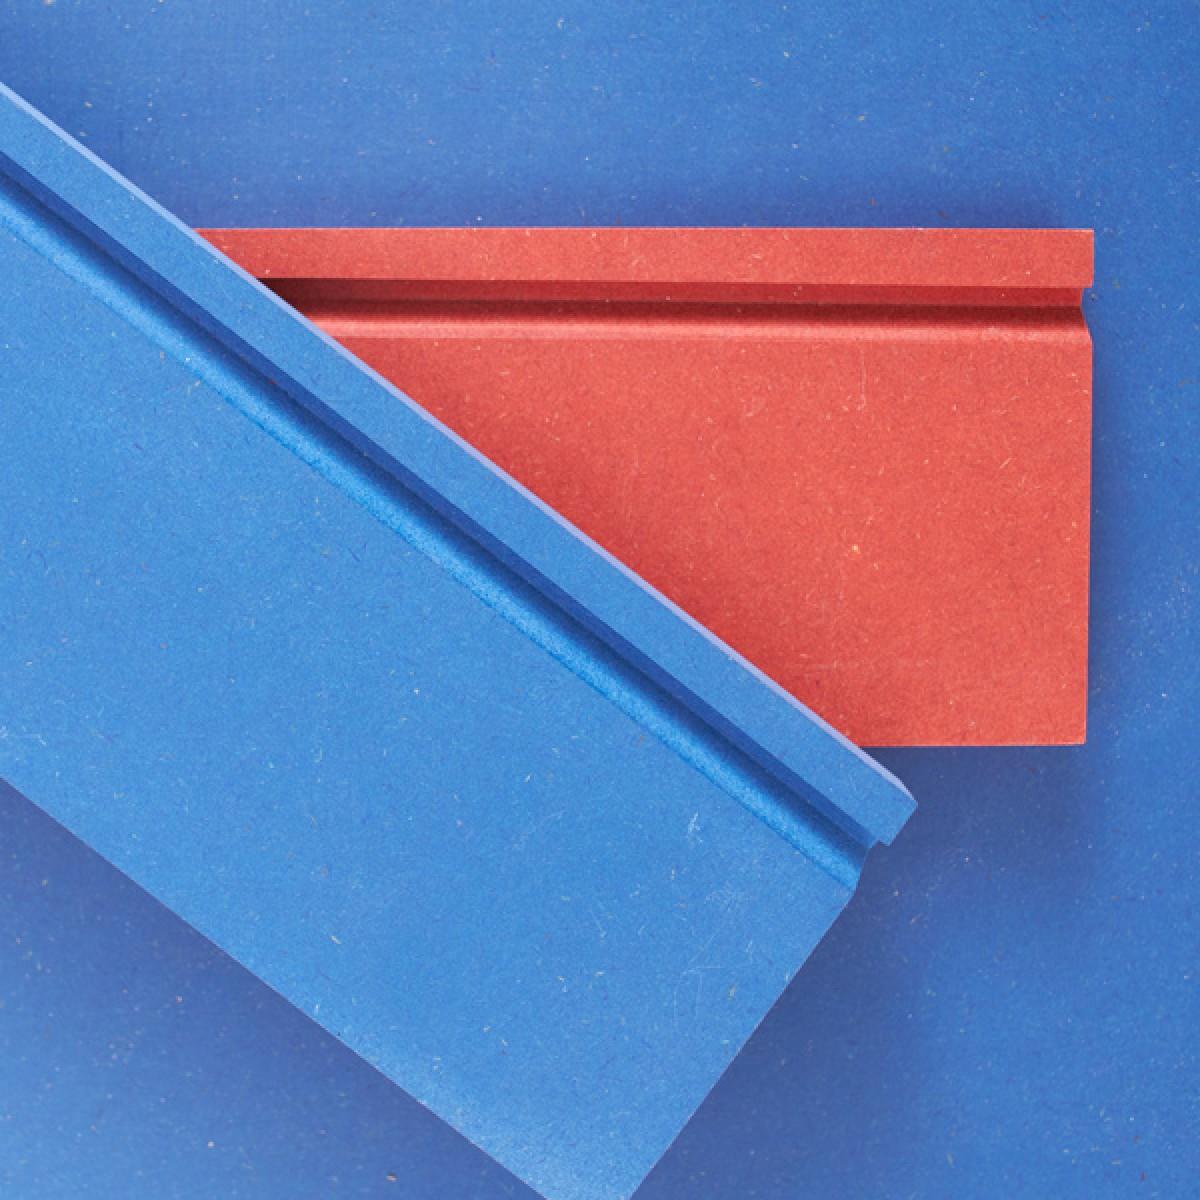 VINDUE BRICK IPAD HOLDER - BLUE